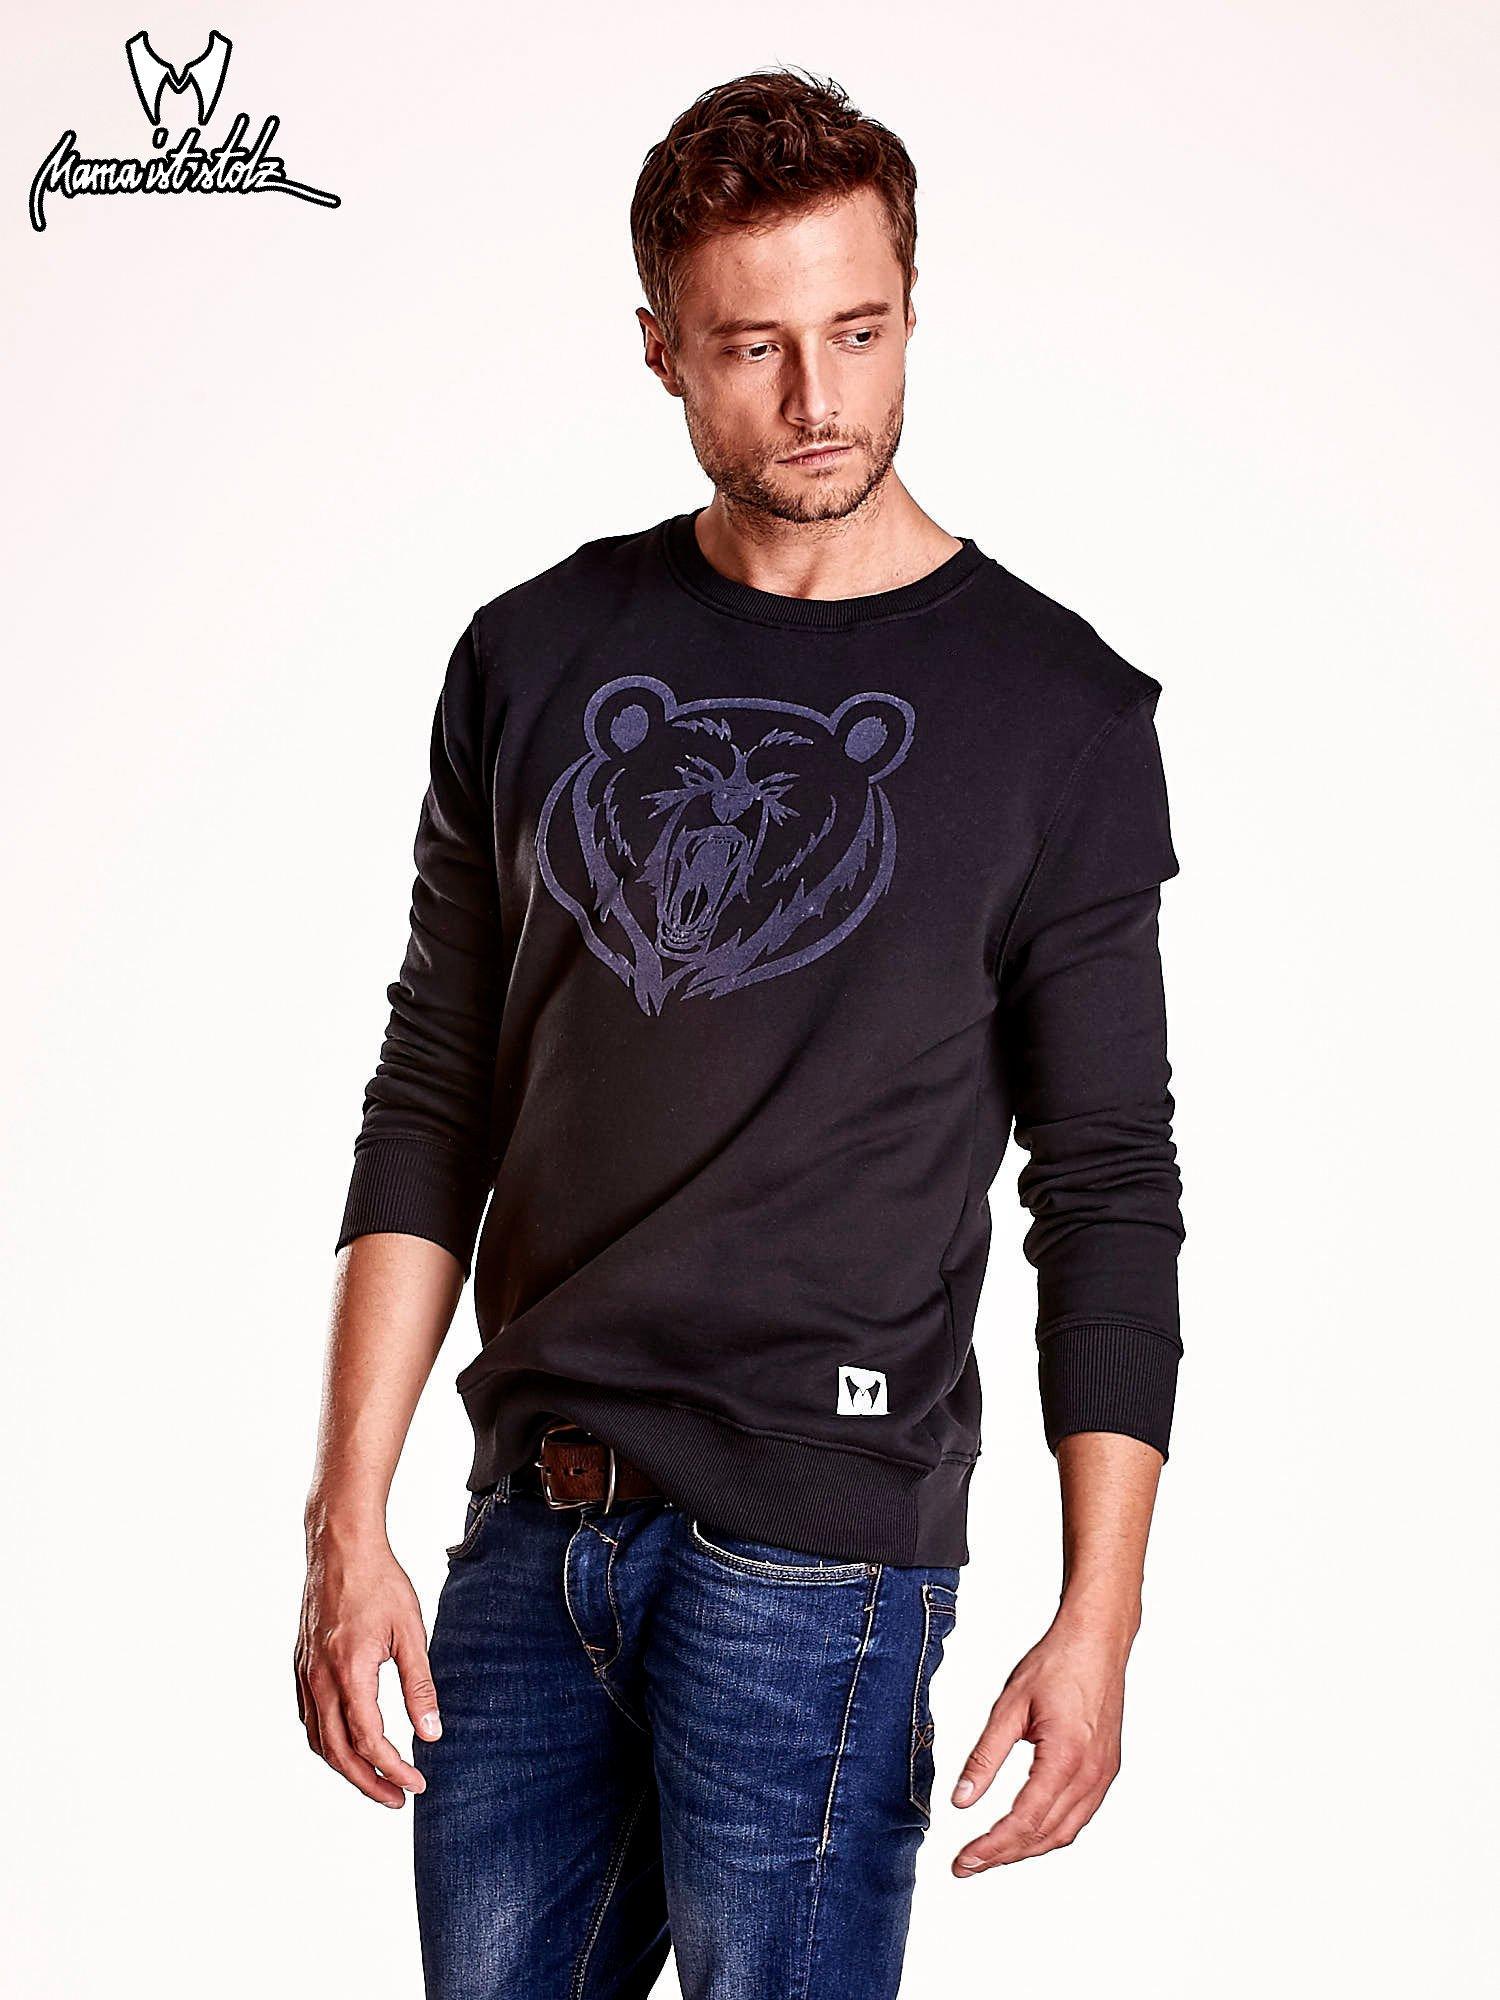 Czarna bluza męska z niedźwiedziem                                  zdj.                                  4